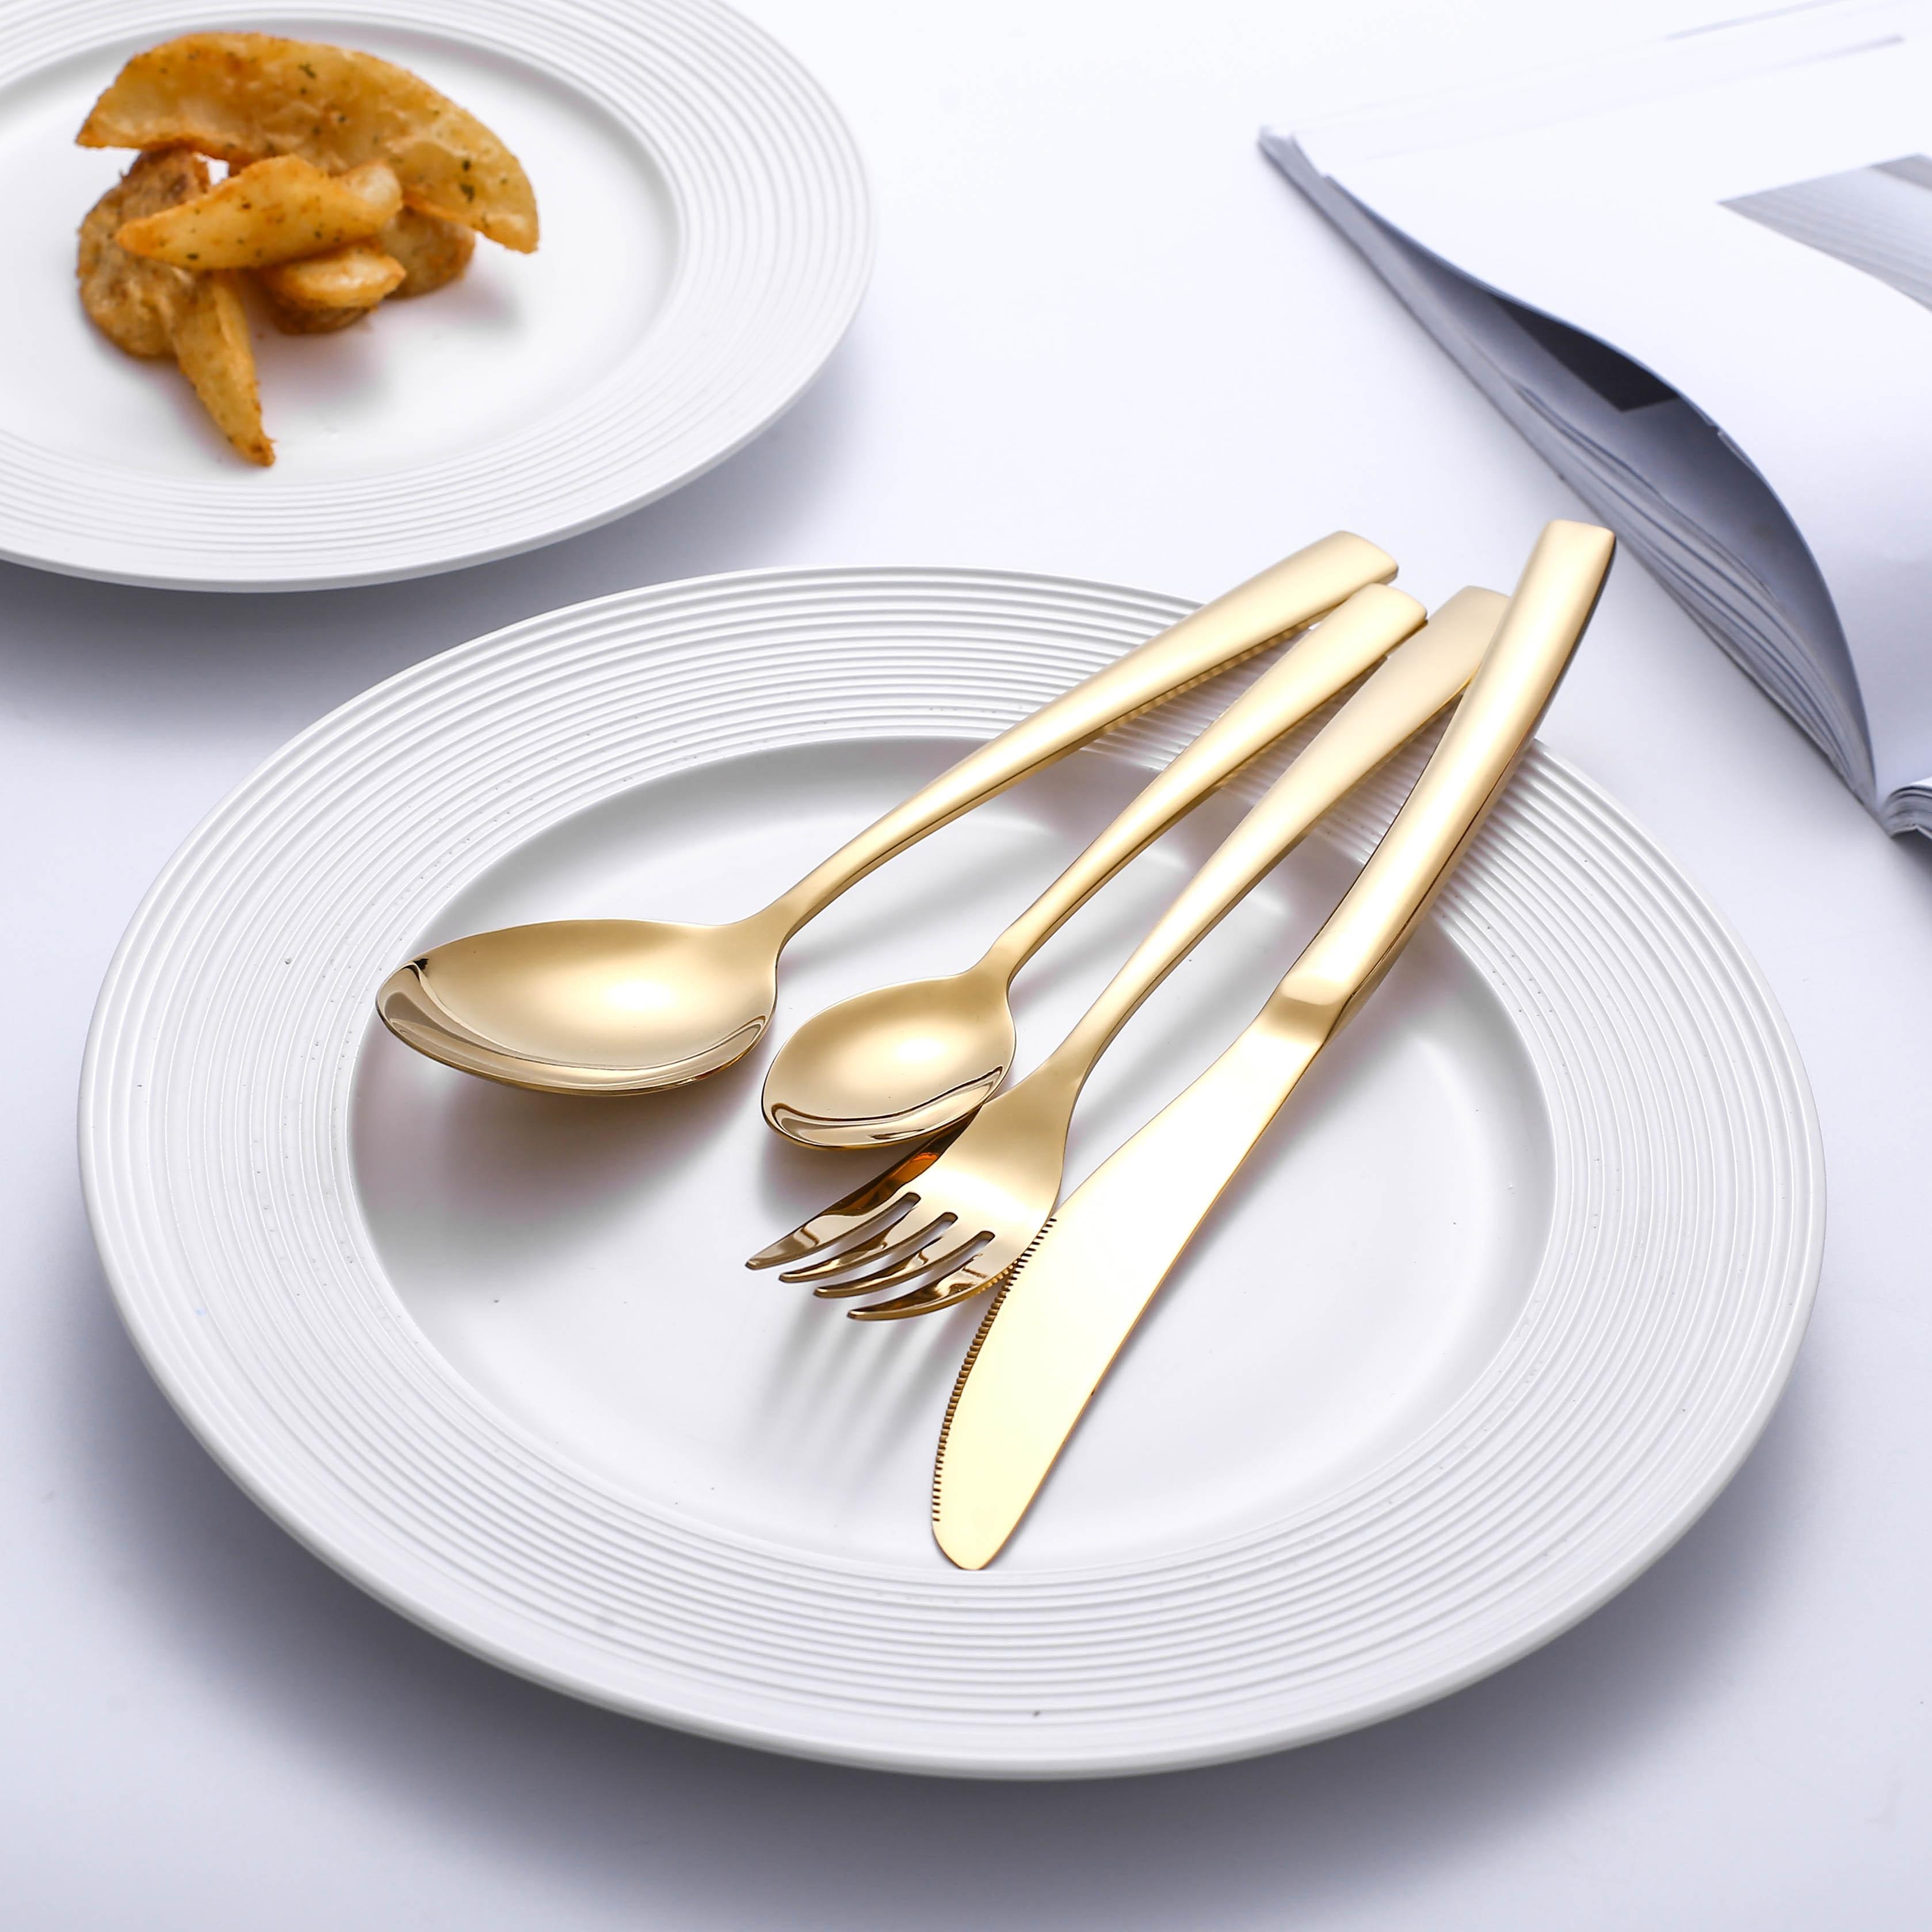 24 шт. столовые приборы посуда Золотой столовый набор столовых приборов, столовые приборы, набор посуды, ножи, вилки, ложки, Западная кухня, ст...